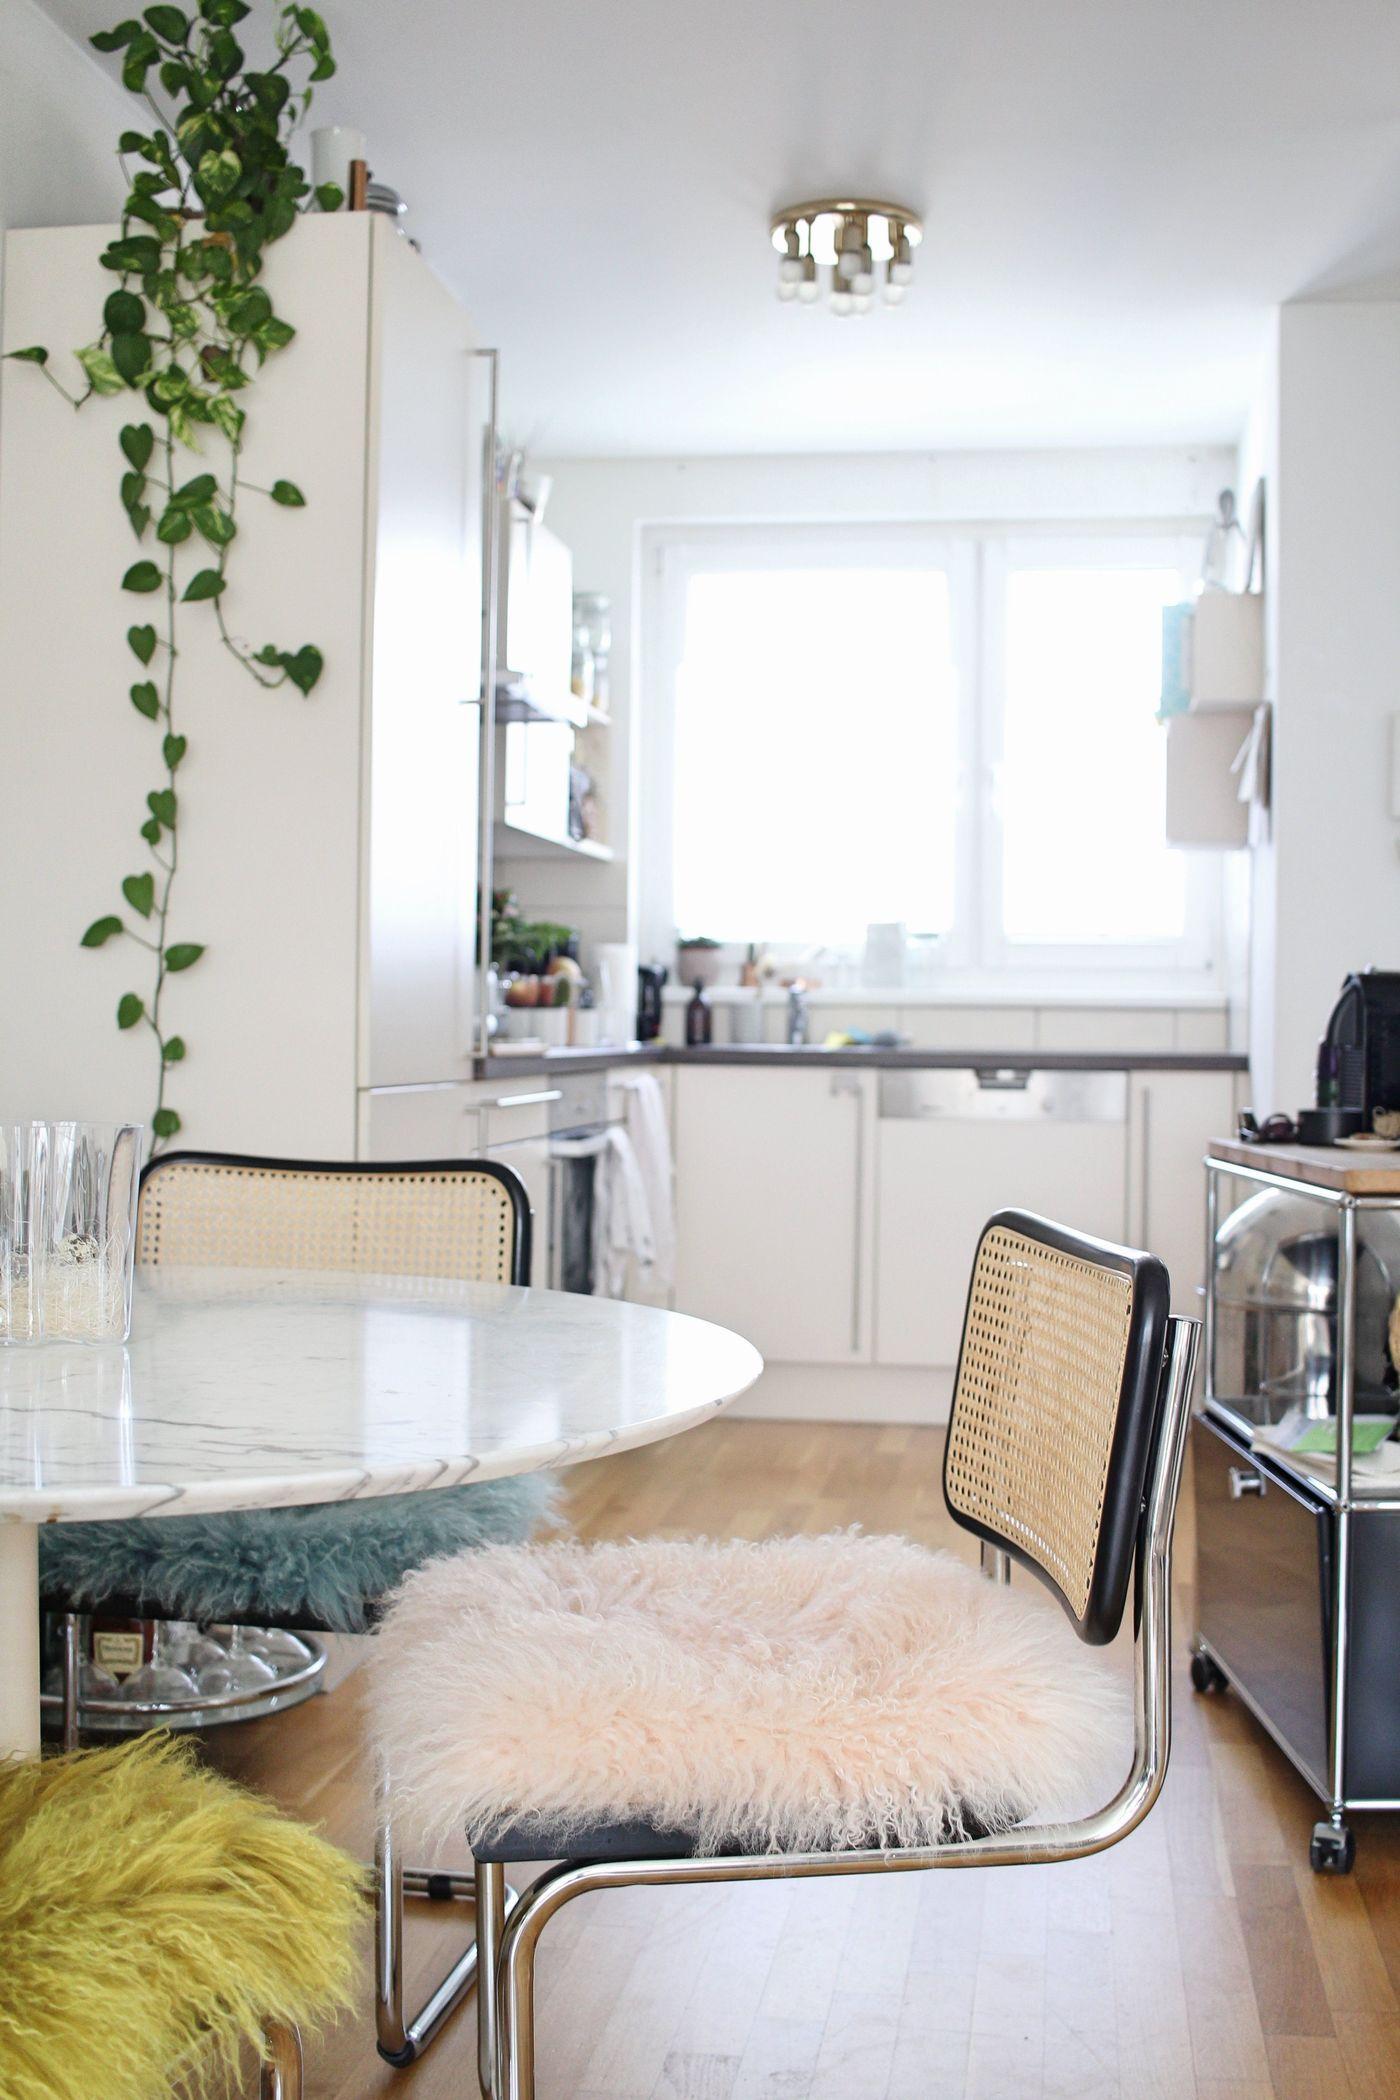 Groß Küchen Und Bäder Nachrichten Bilder - Küchen Ideen Modern ...